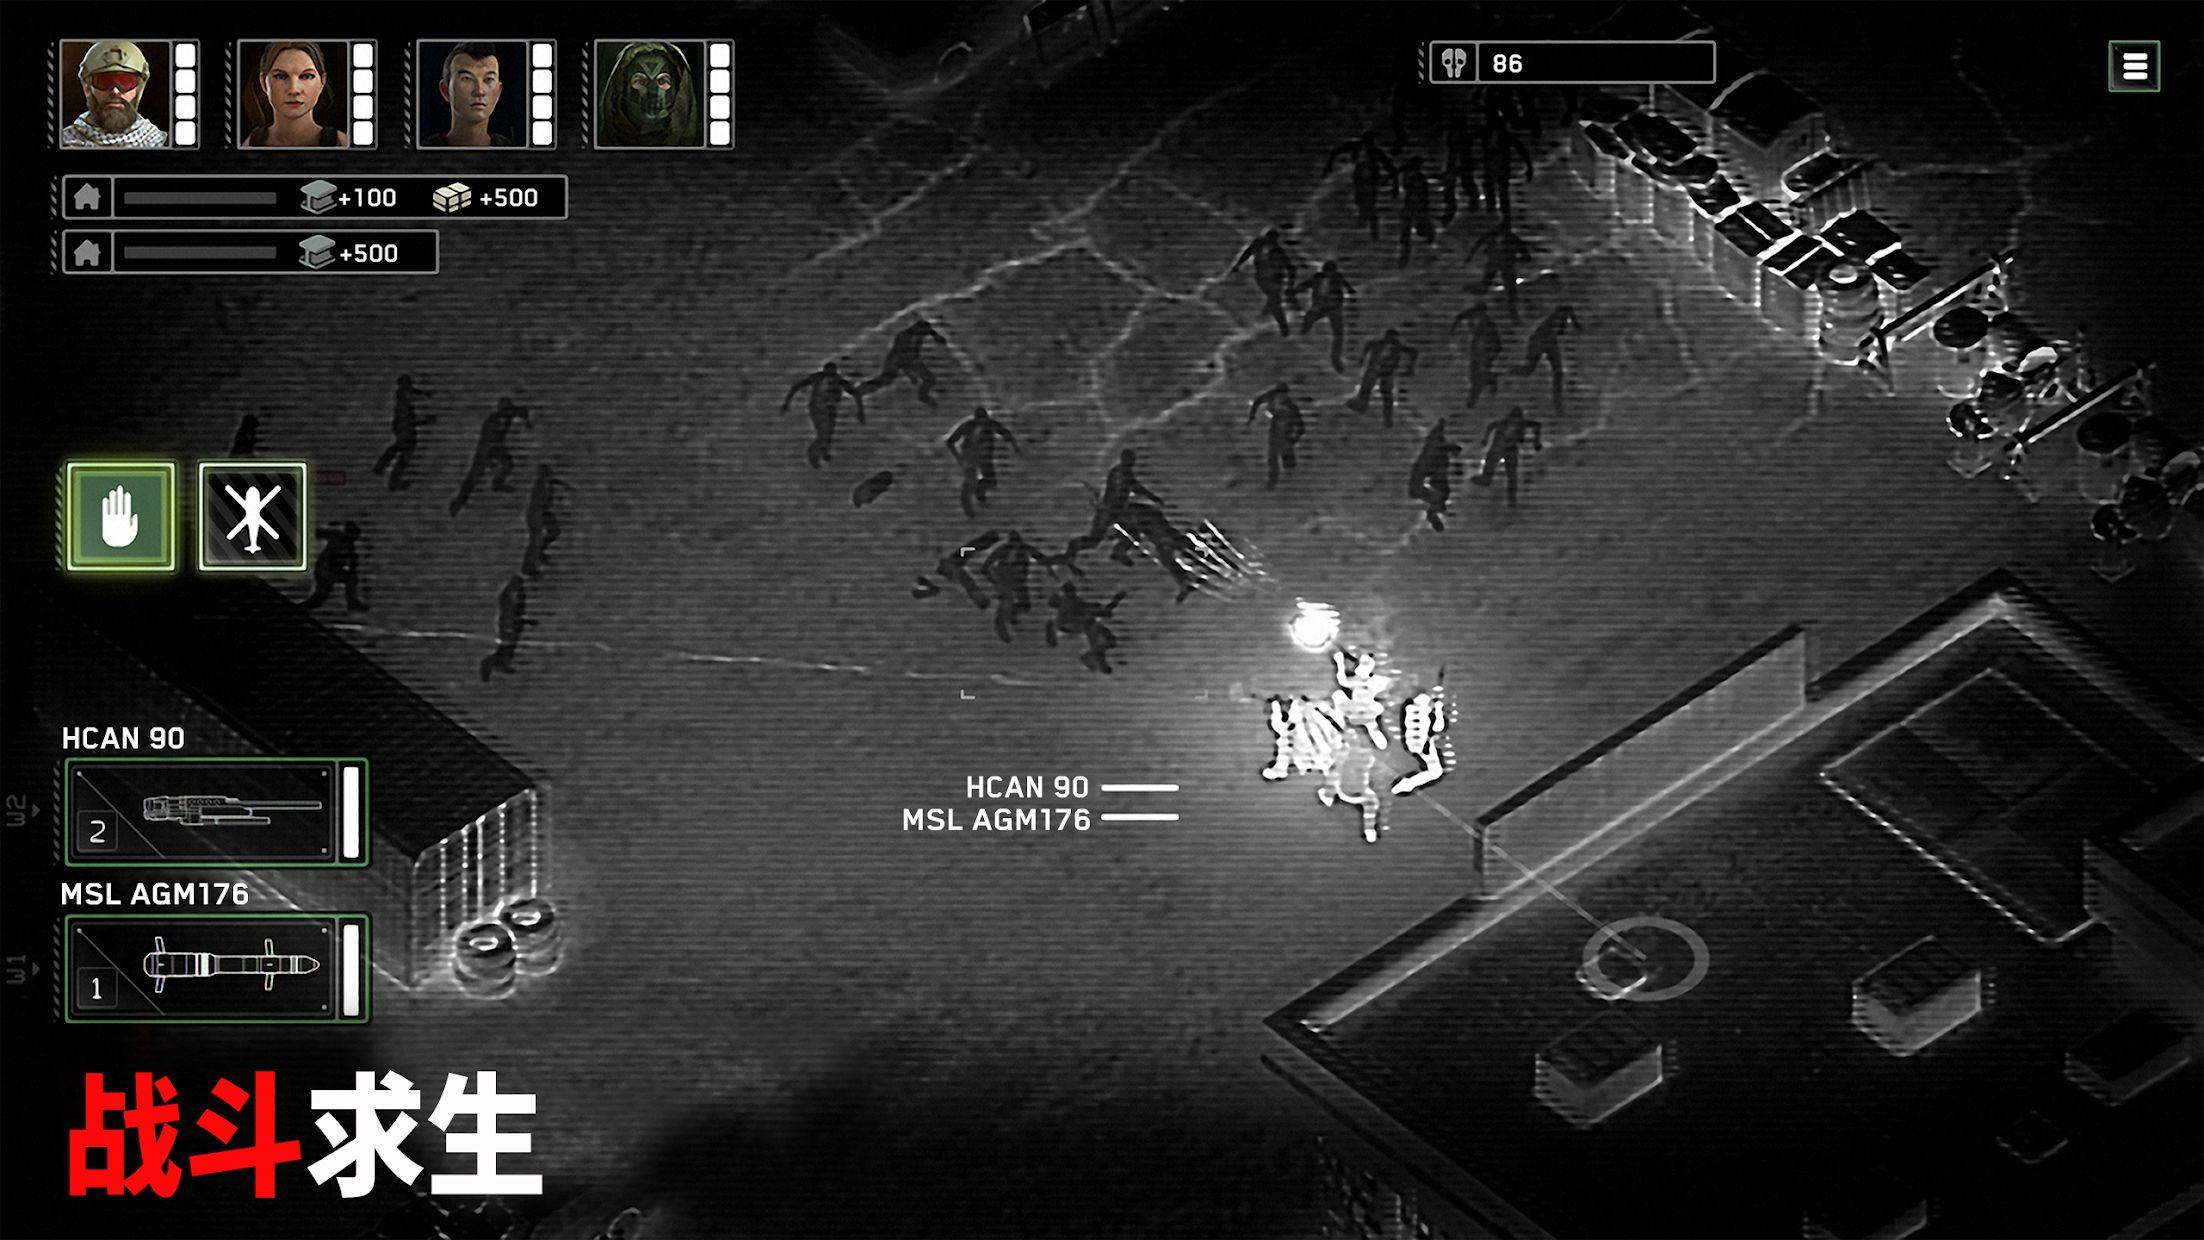 僵尸炮艇:生存 游戏截图4